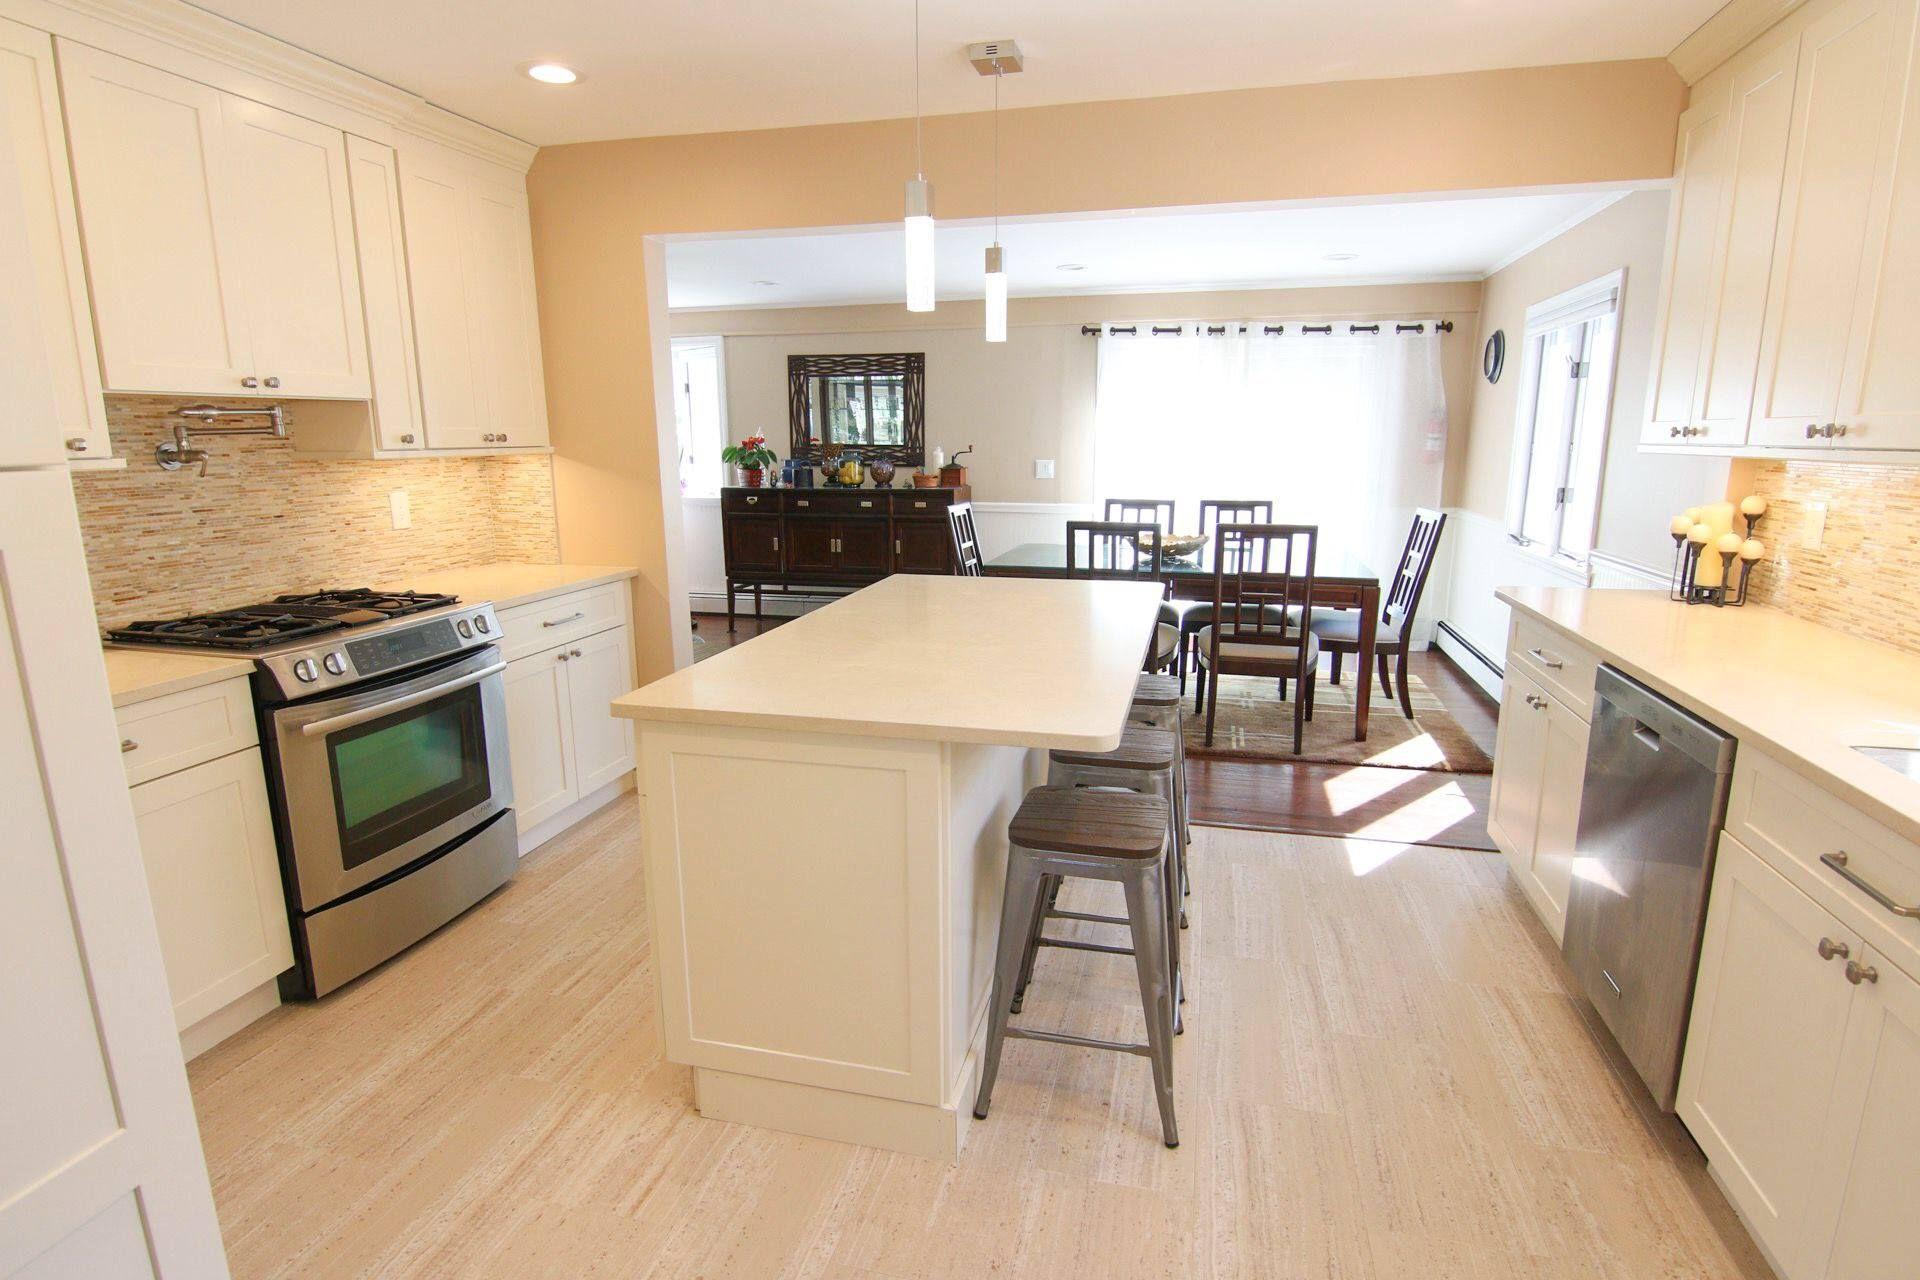 Superb White Kitchen, Beige Kitchen, Quartz, Quartz Countertops, Glass Backsplash,  Countertops,